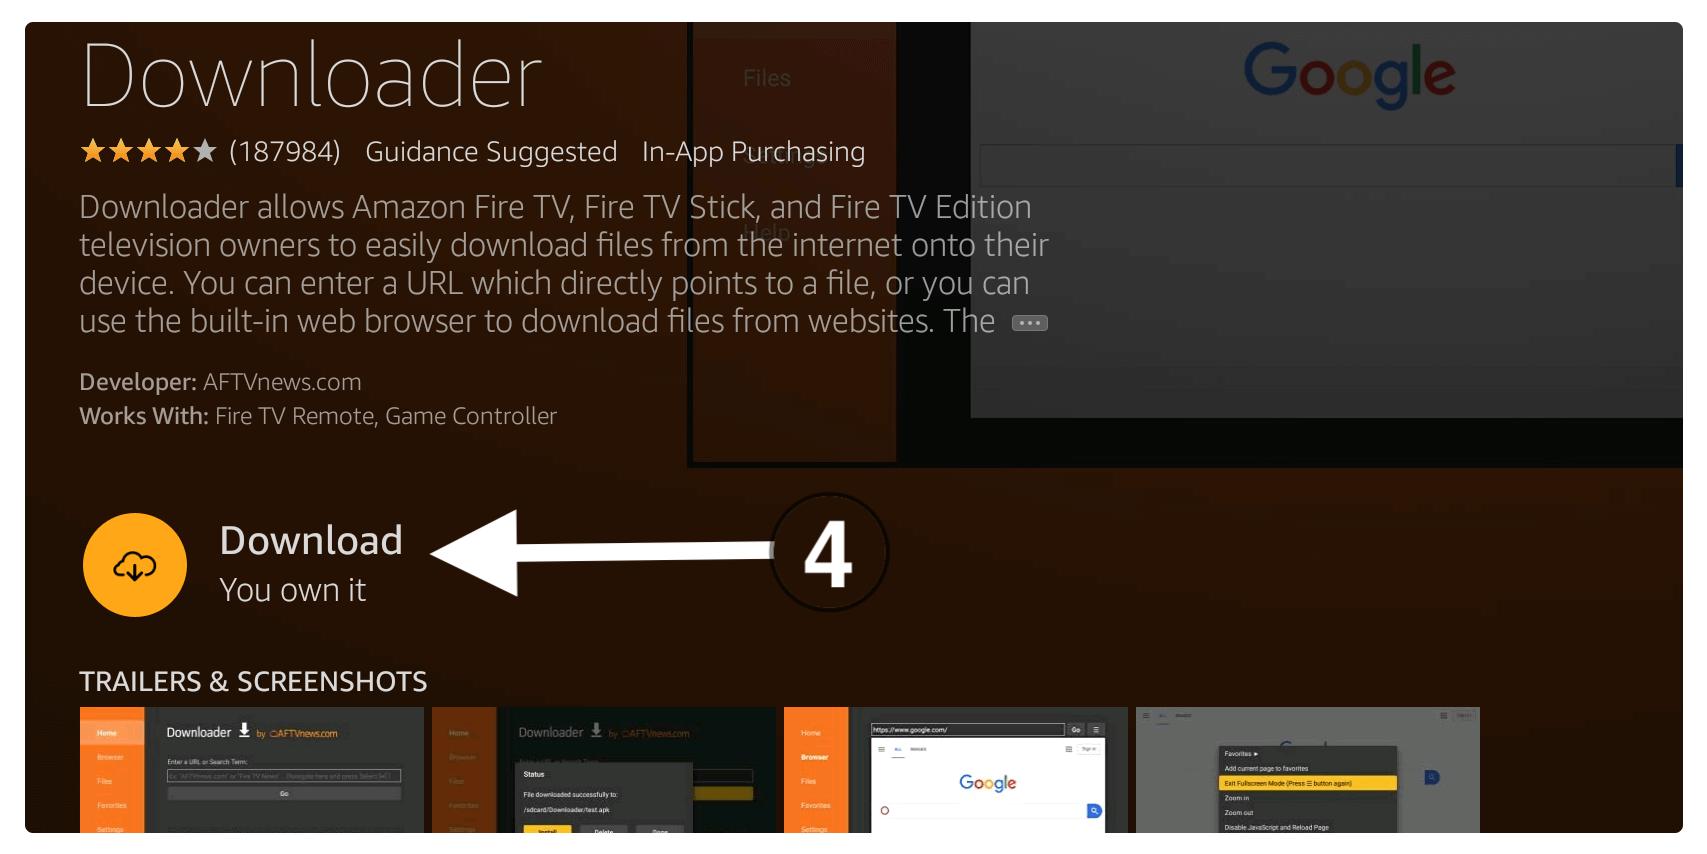 Install-Aptoide-TV-Apk-On-Amazon-Fire-Stick